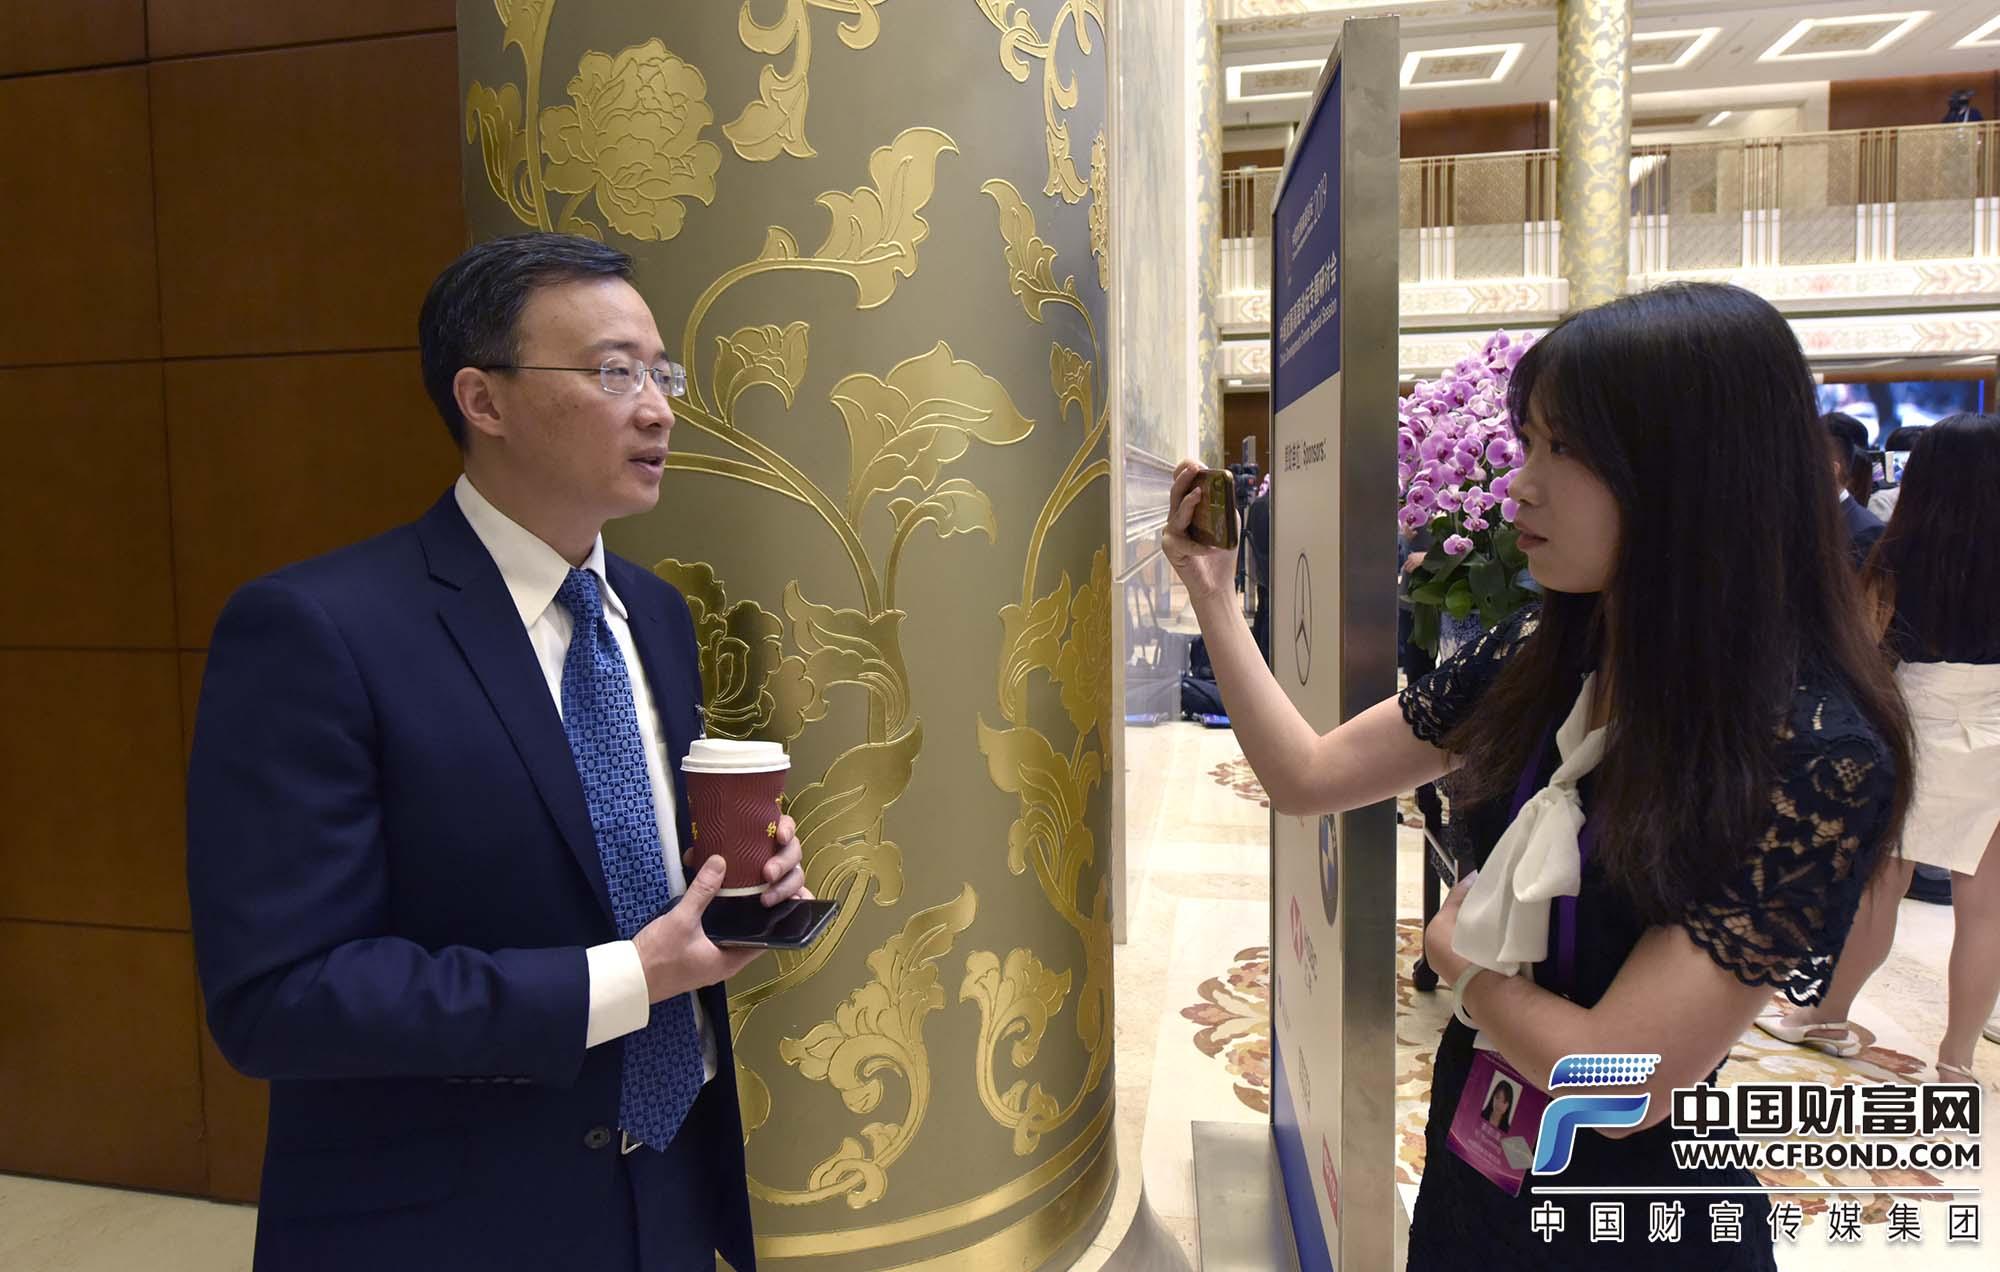 京东集团副总裁、京东数字科技首席经济学家沈建光接受采访